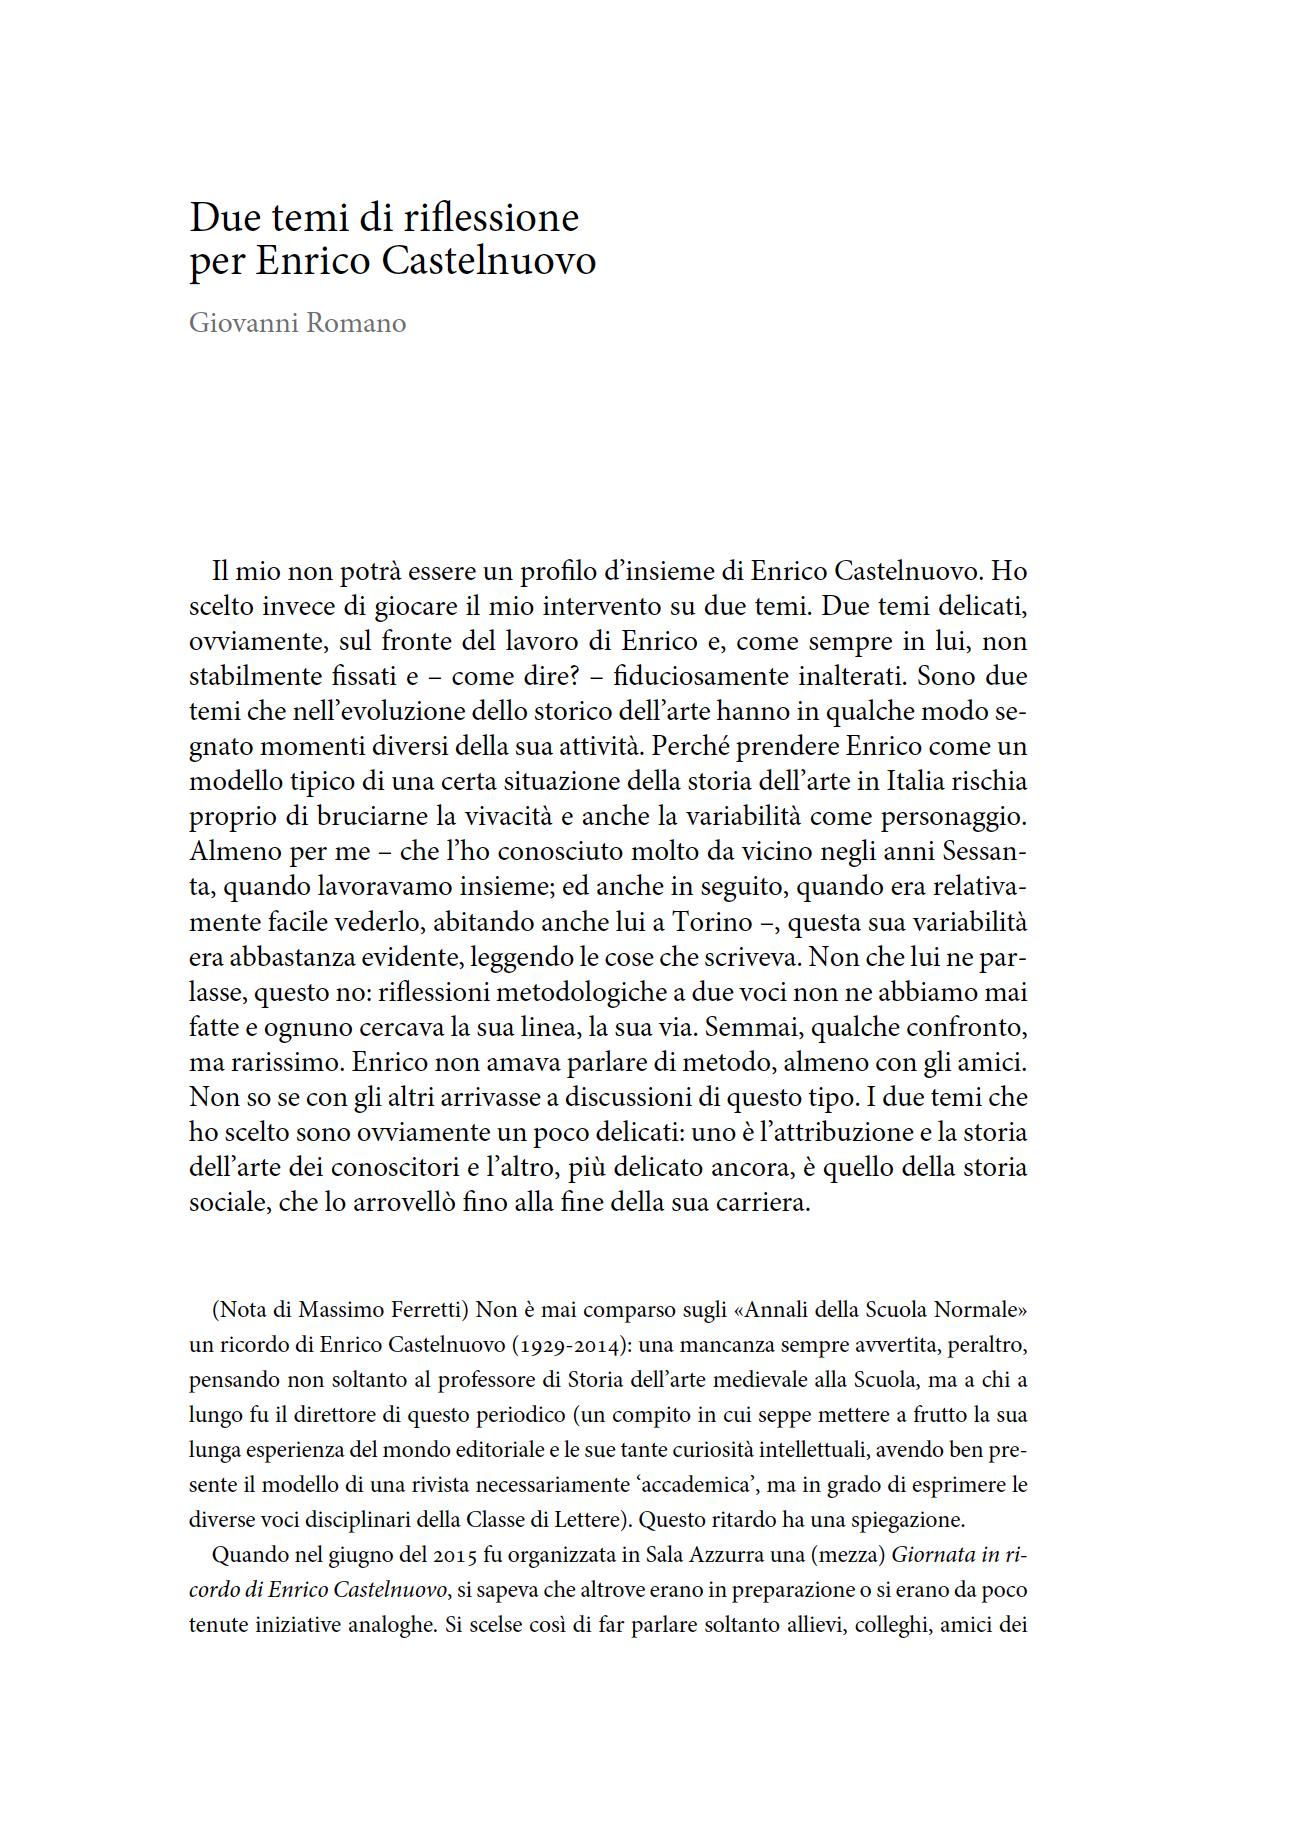 Due temi di riflessione per Enrico Castelnuovo